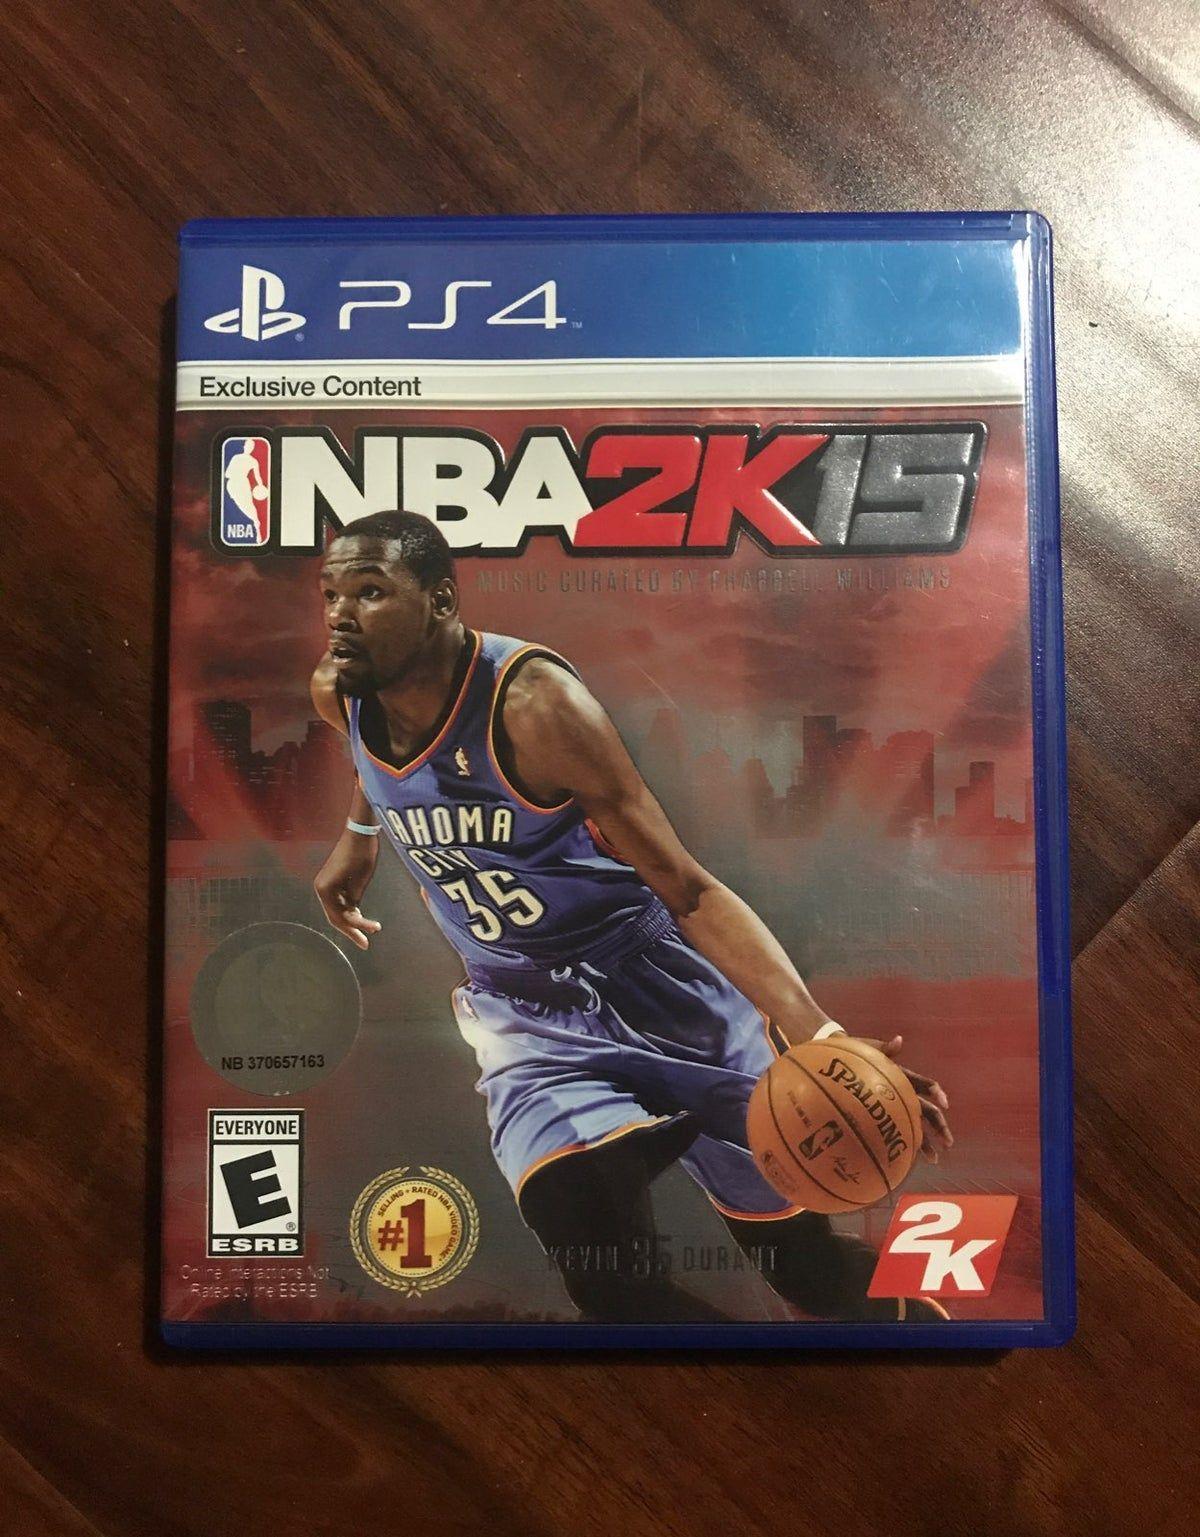 Nba 2k15 Ps4 Basketball Video Game Basketball Video Games Baseball Video Games Nba